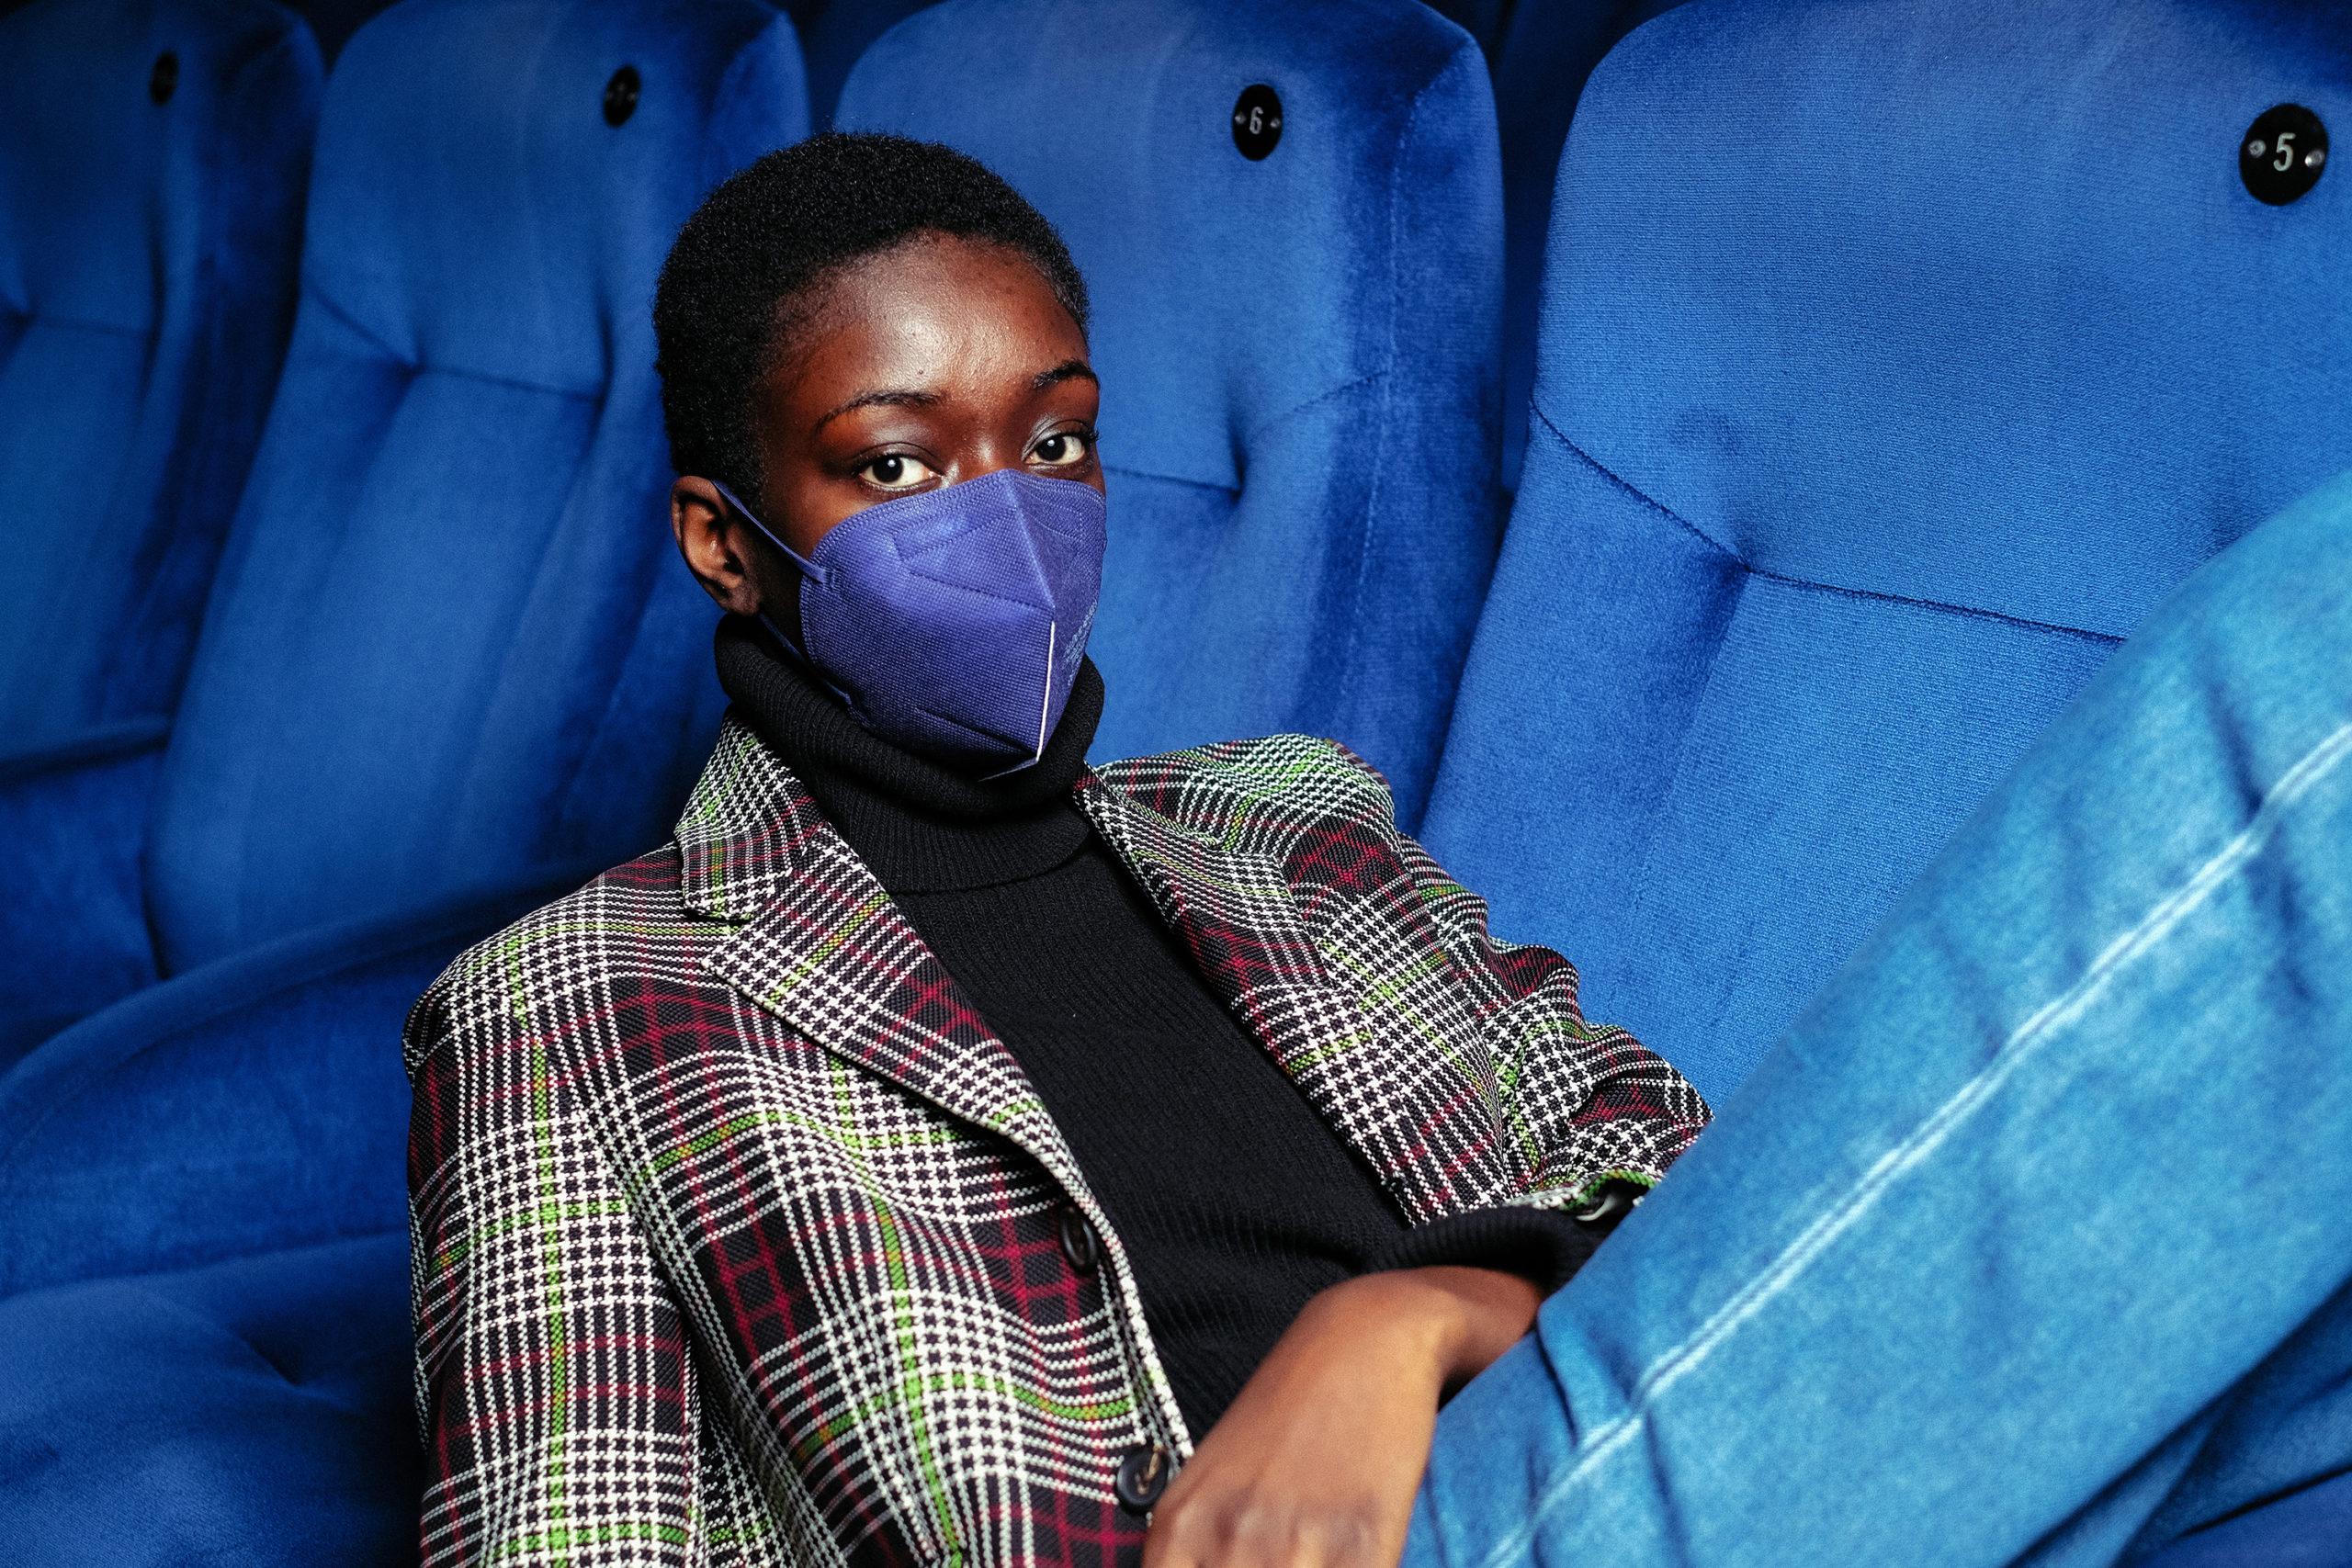 Stil Schützt und ist schön: Eine farbige FFP2-Maske von Oui.